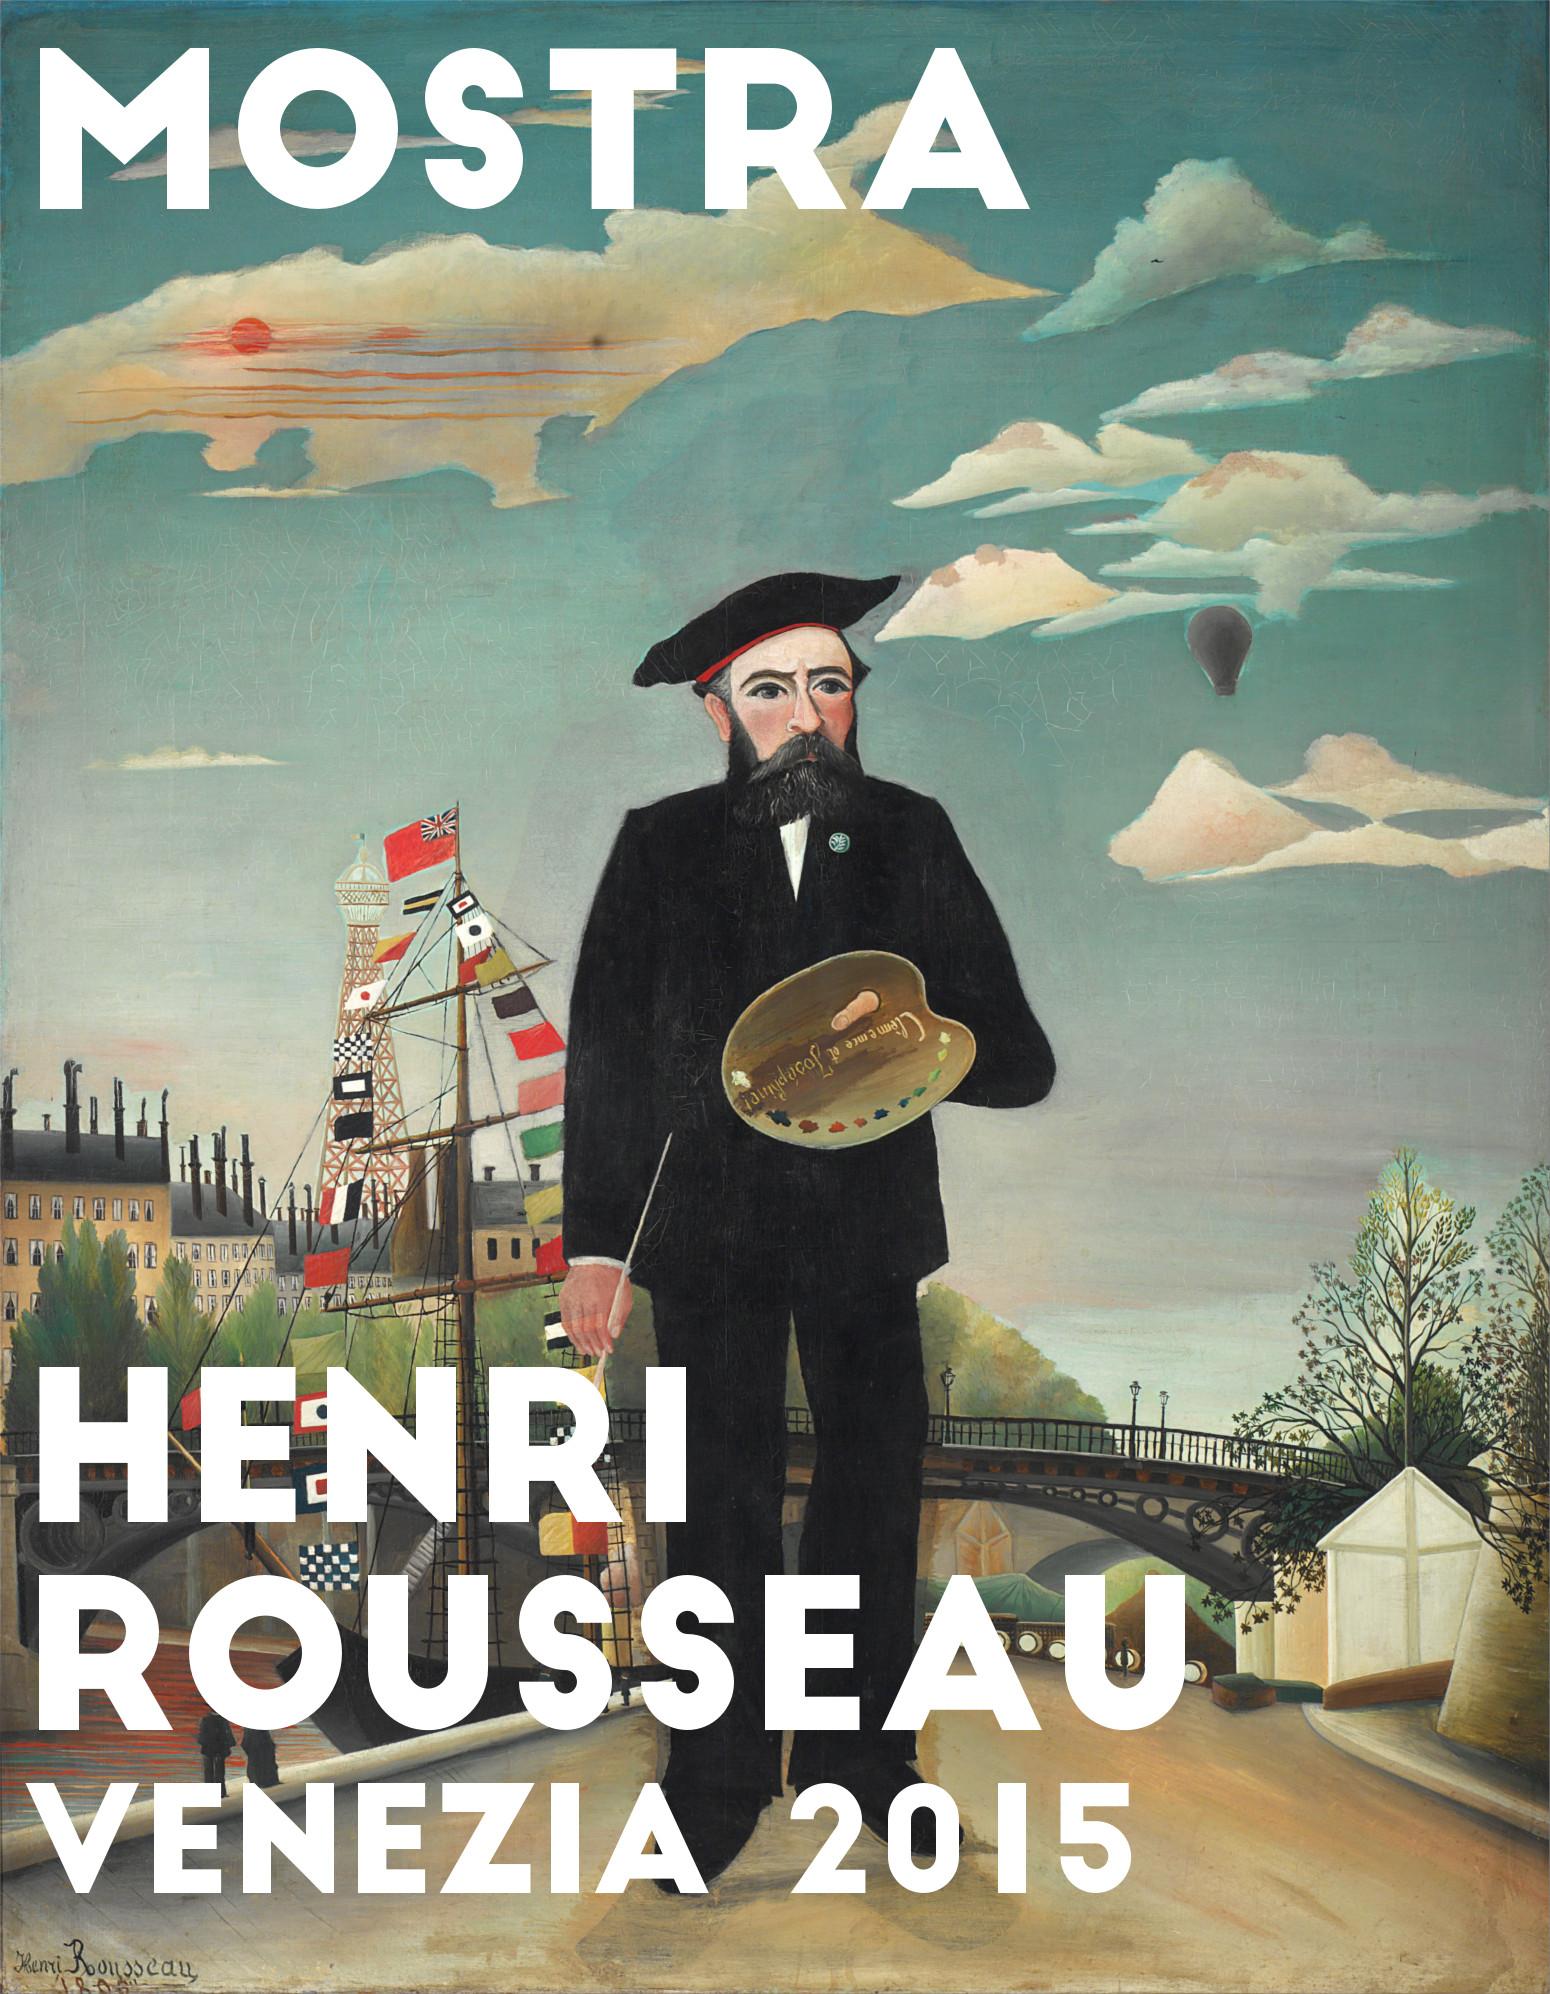 Mostra Rousseau Venezia 2015